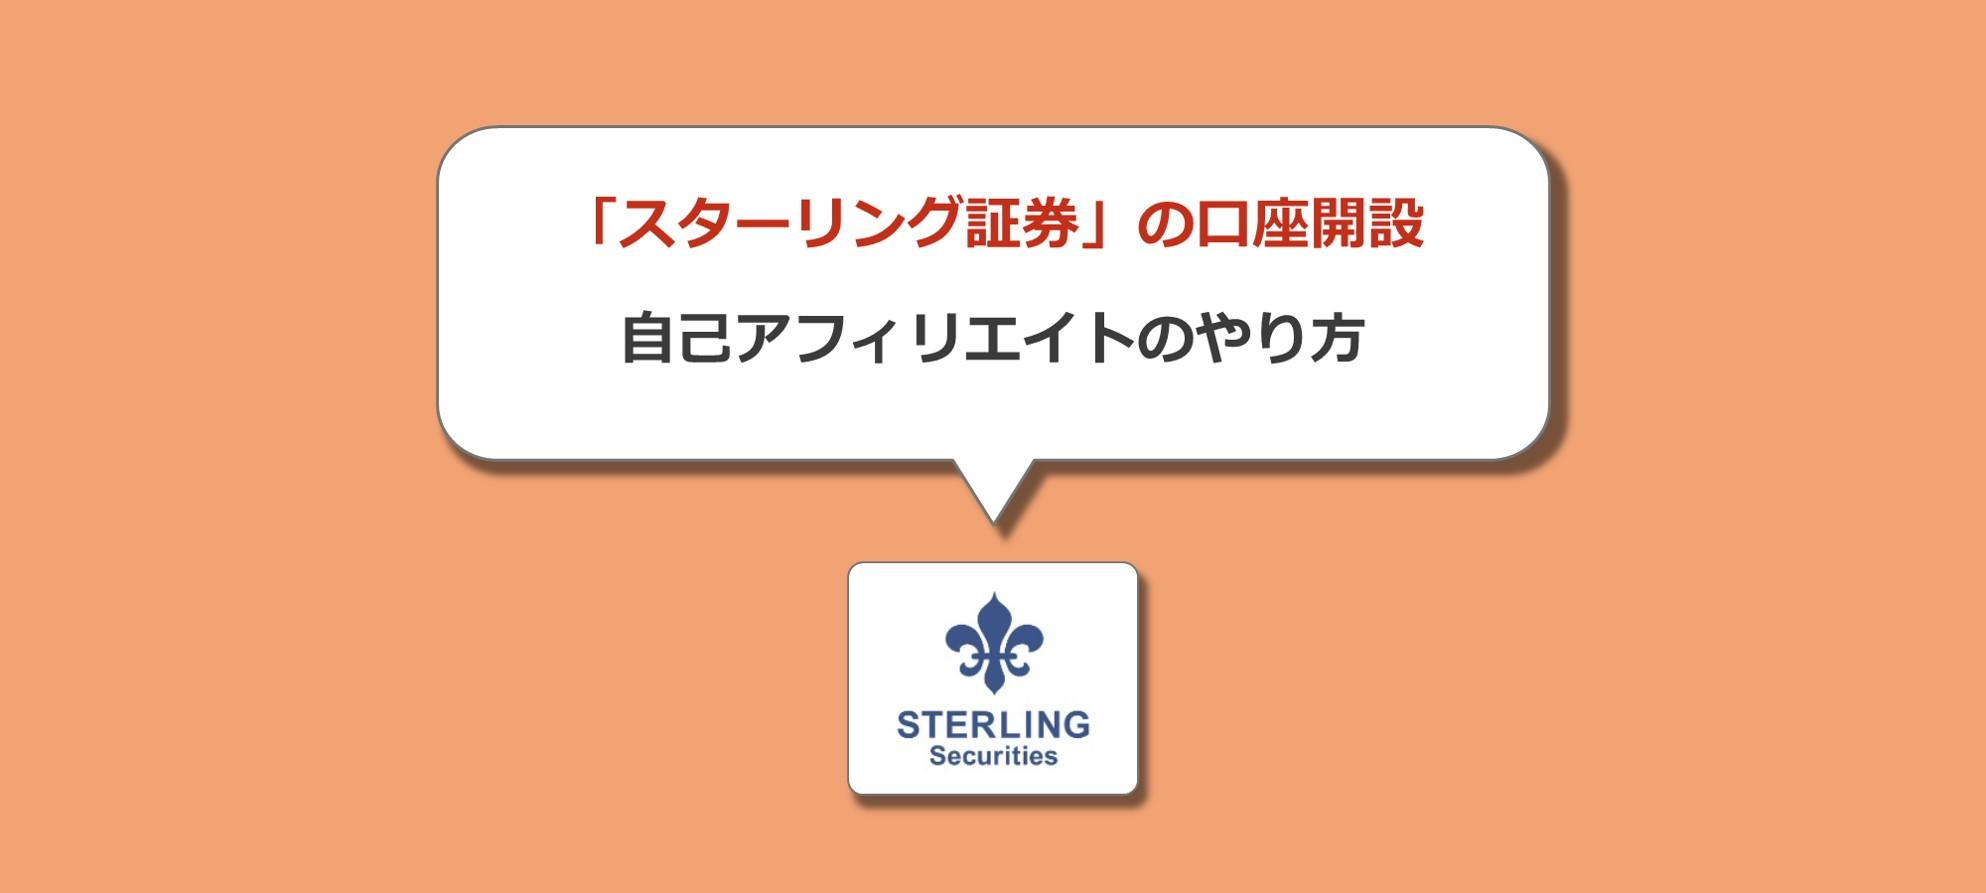 【自己アフィリエイト】スターリング証券で報酬を受取る具体的な取引手順